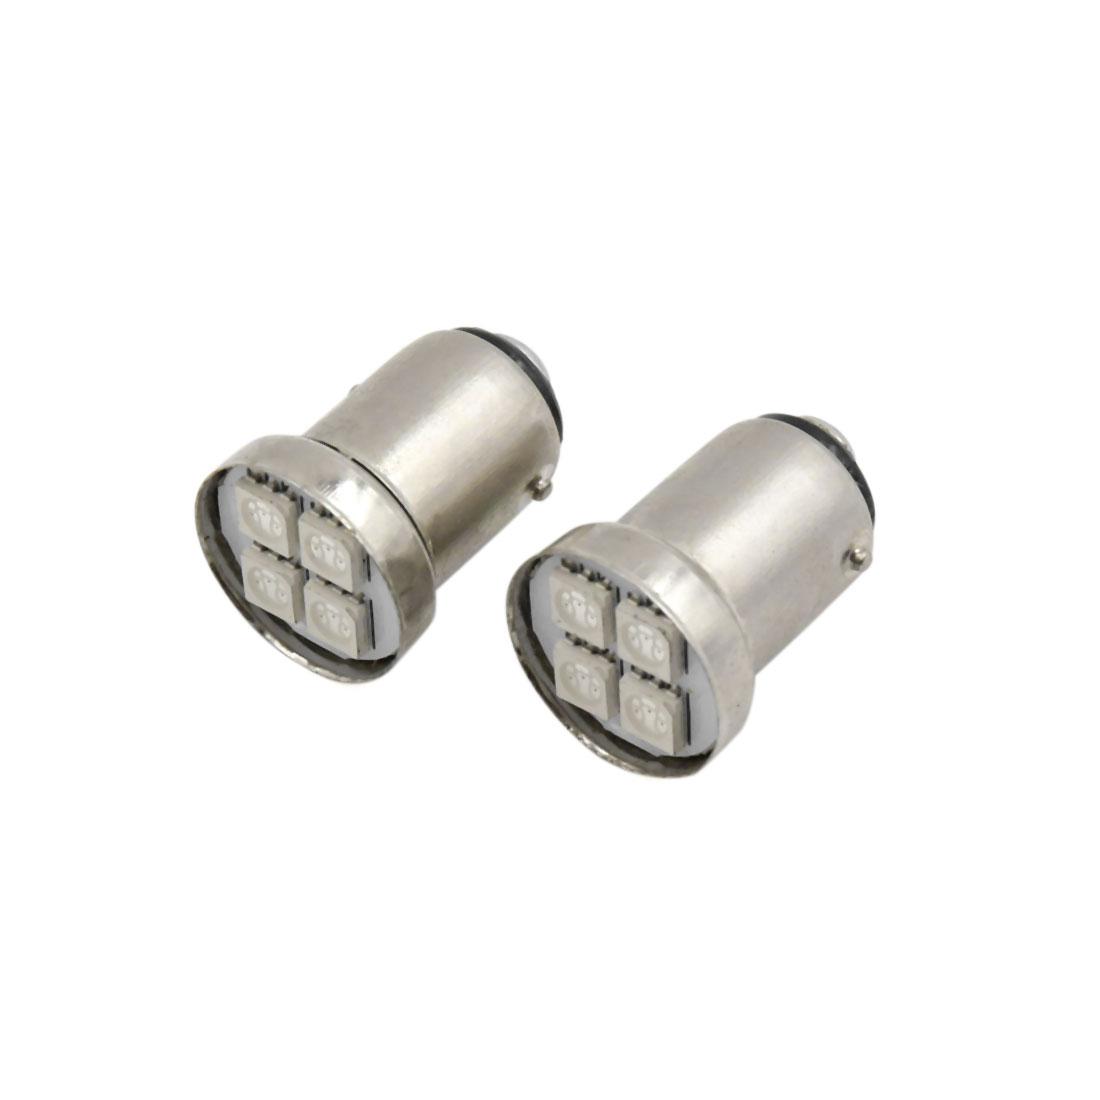 2Pcs 1157 BAY15d Red 4-5050-SMD LED Car Tail Brake Backup Reverse Light Bulb